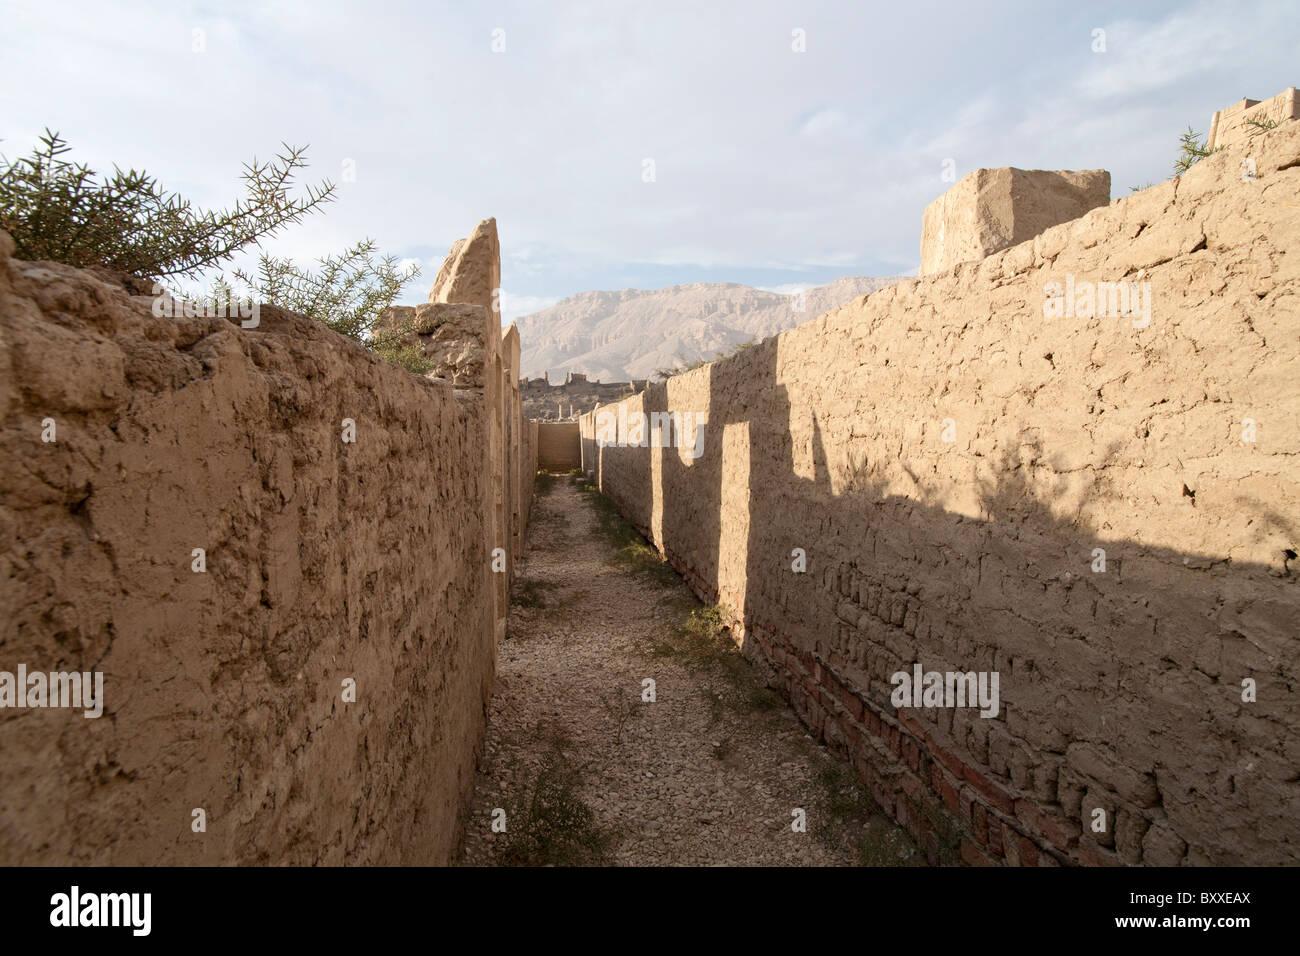 Blick in die thebanischen Berge aus dem Palast an die Totentempel von Pharao Ramses III, Medinet Habu, Westjordanland Stockbild